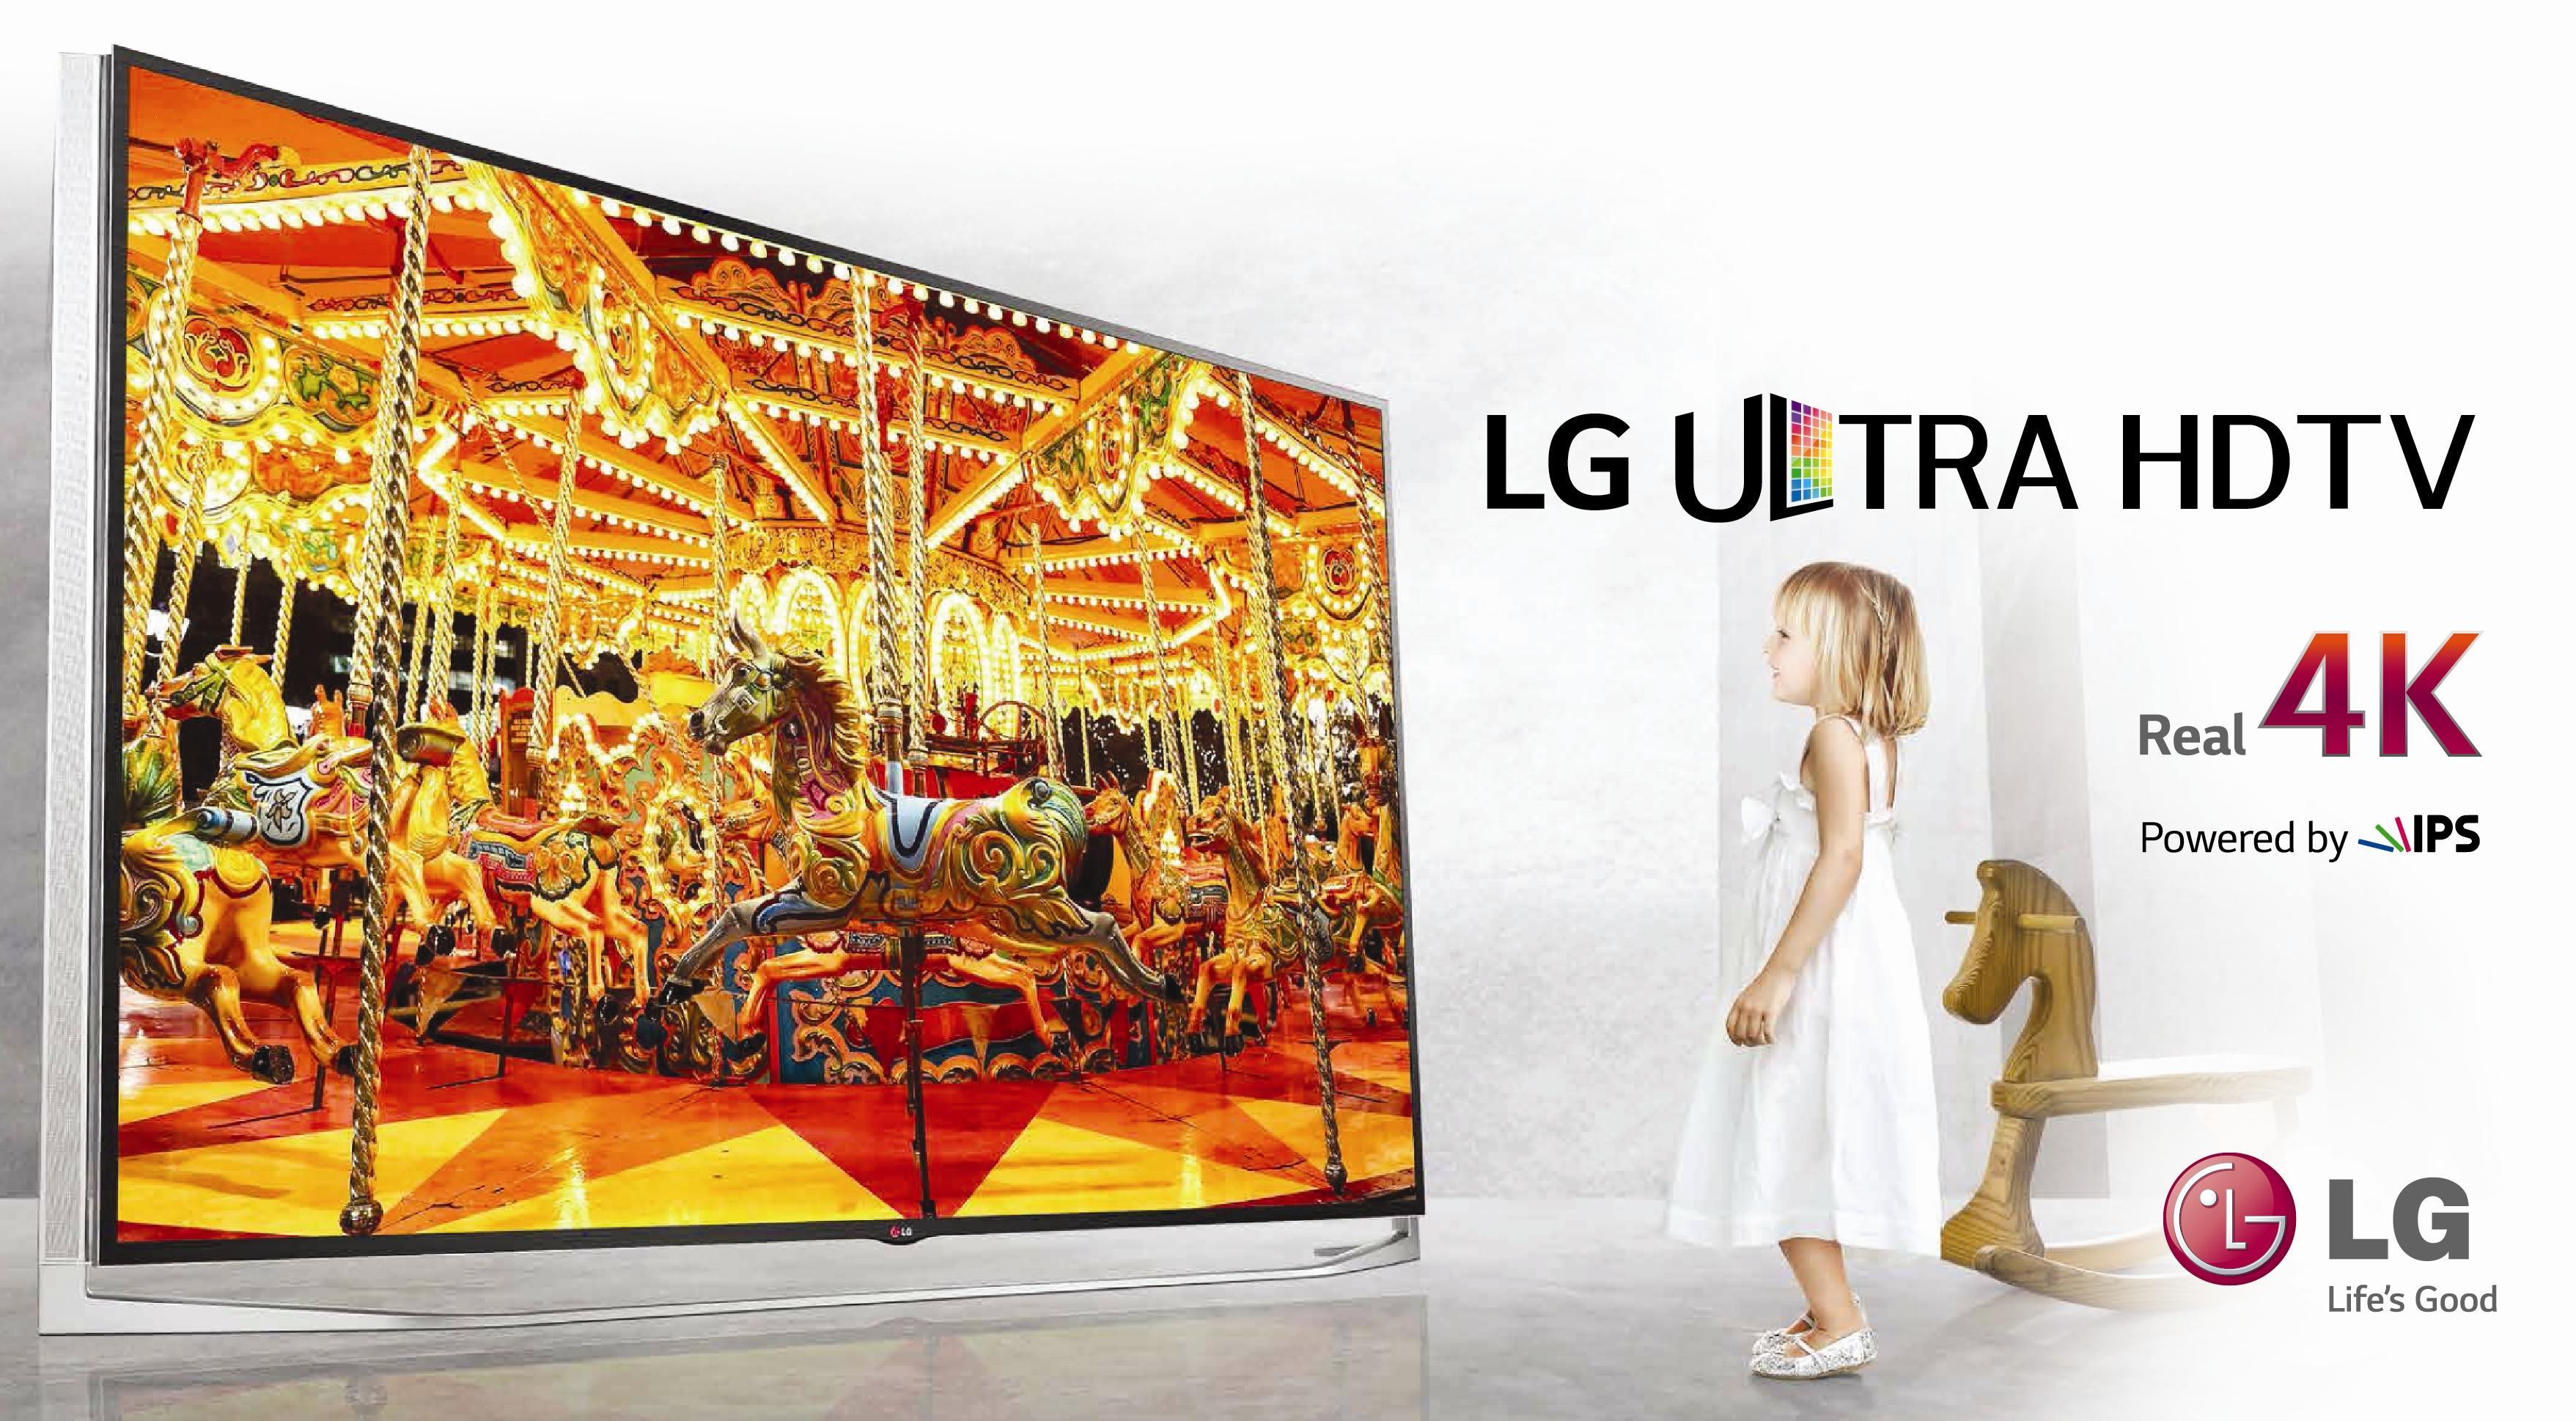 Kupujesz nowy telewizor firmy LG? Sprawdź jaką promocję dla Ciebie przygotowano!